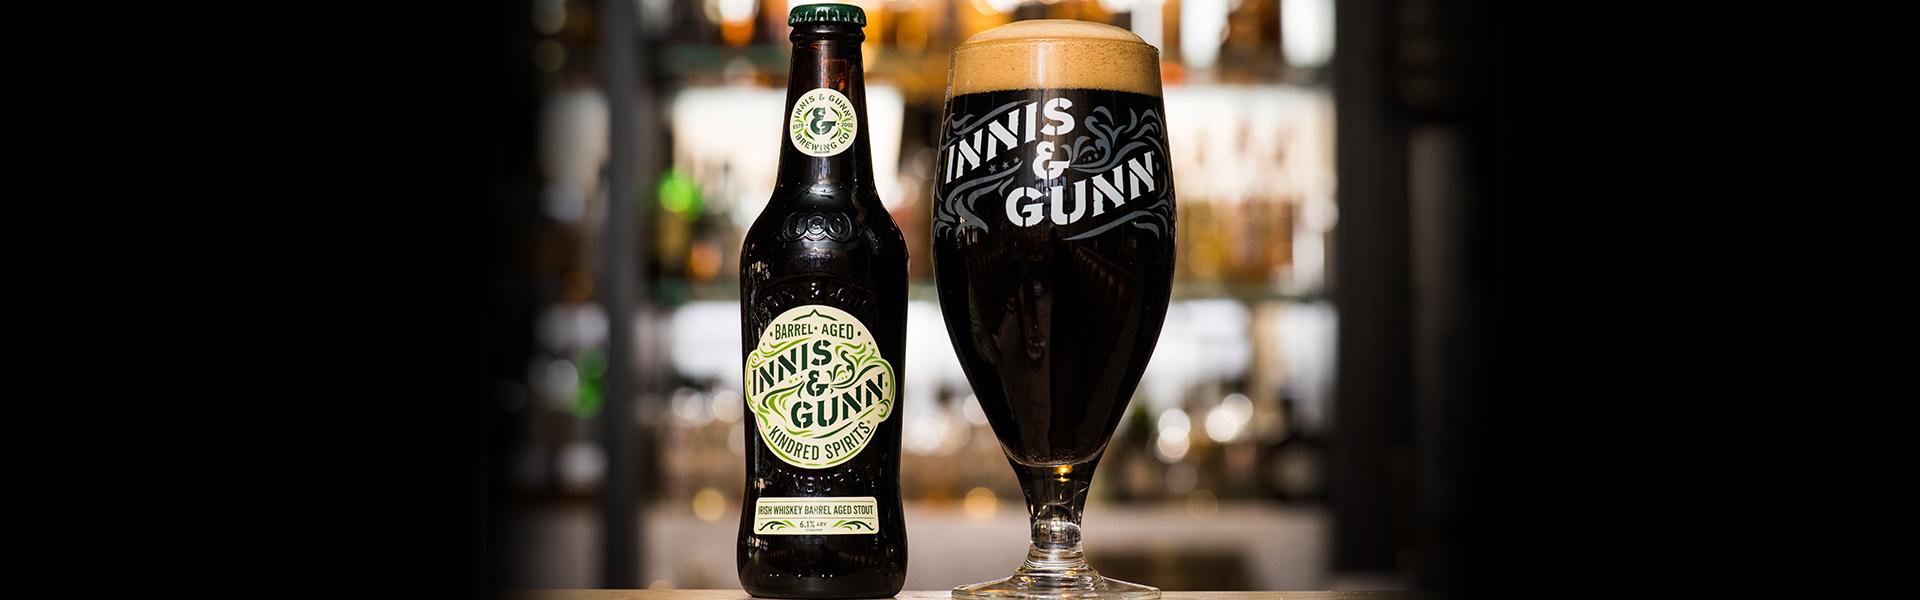 För åttonde året i rad – Innis & Gunn Barrel Aged Irish Whiskey Stout.